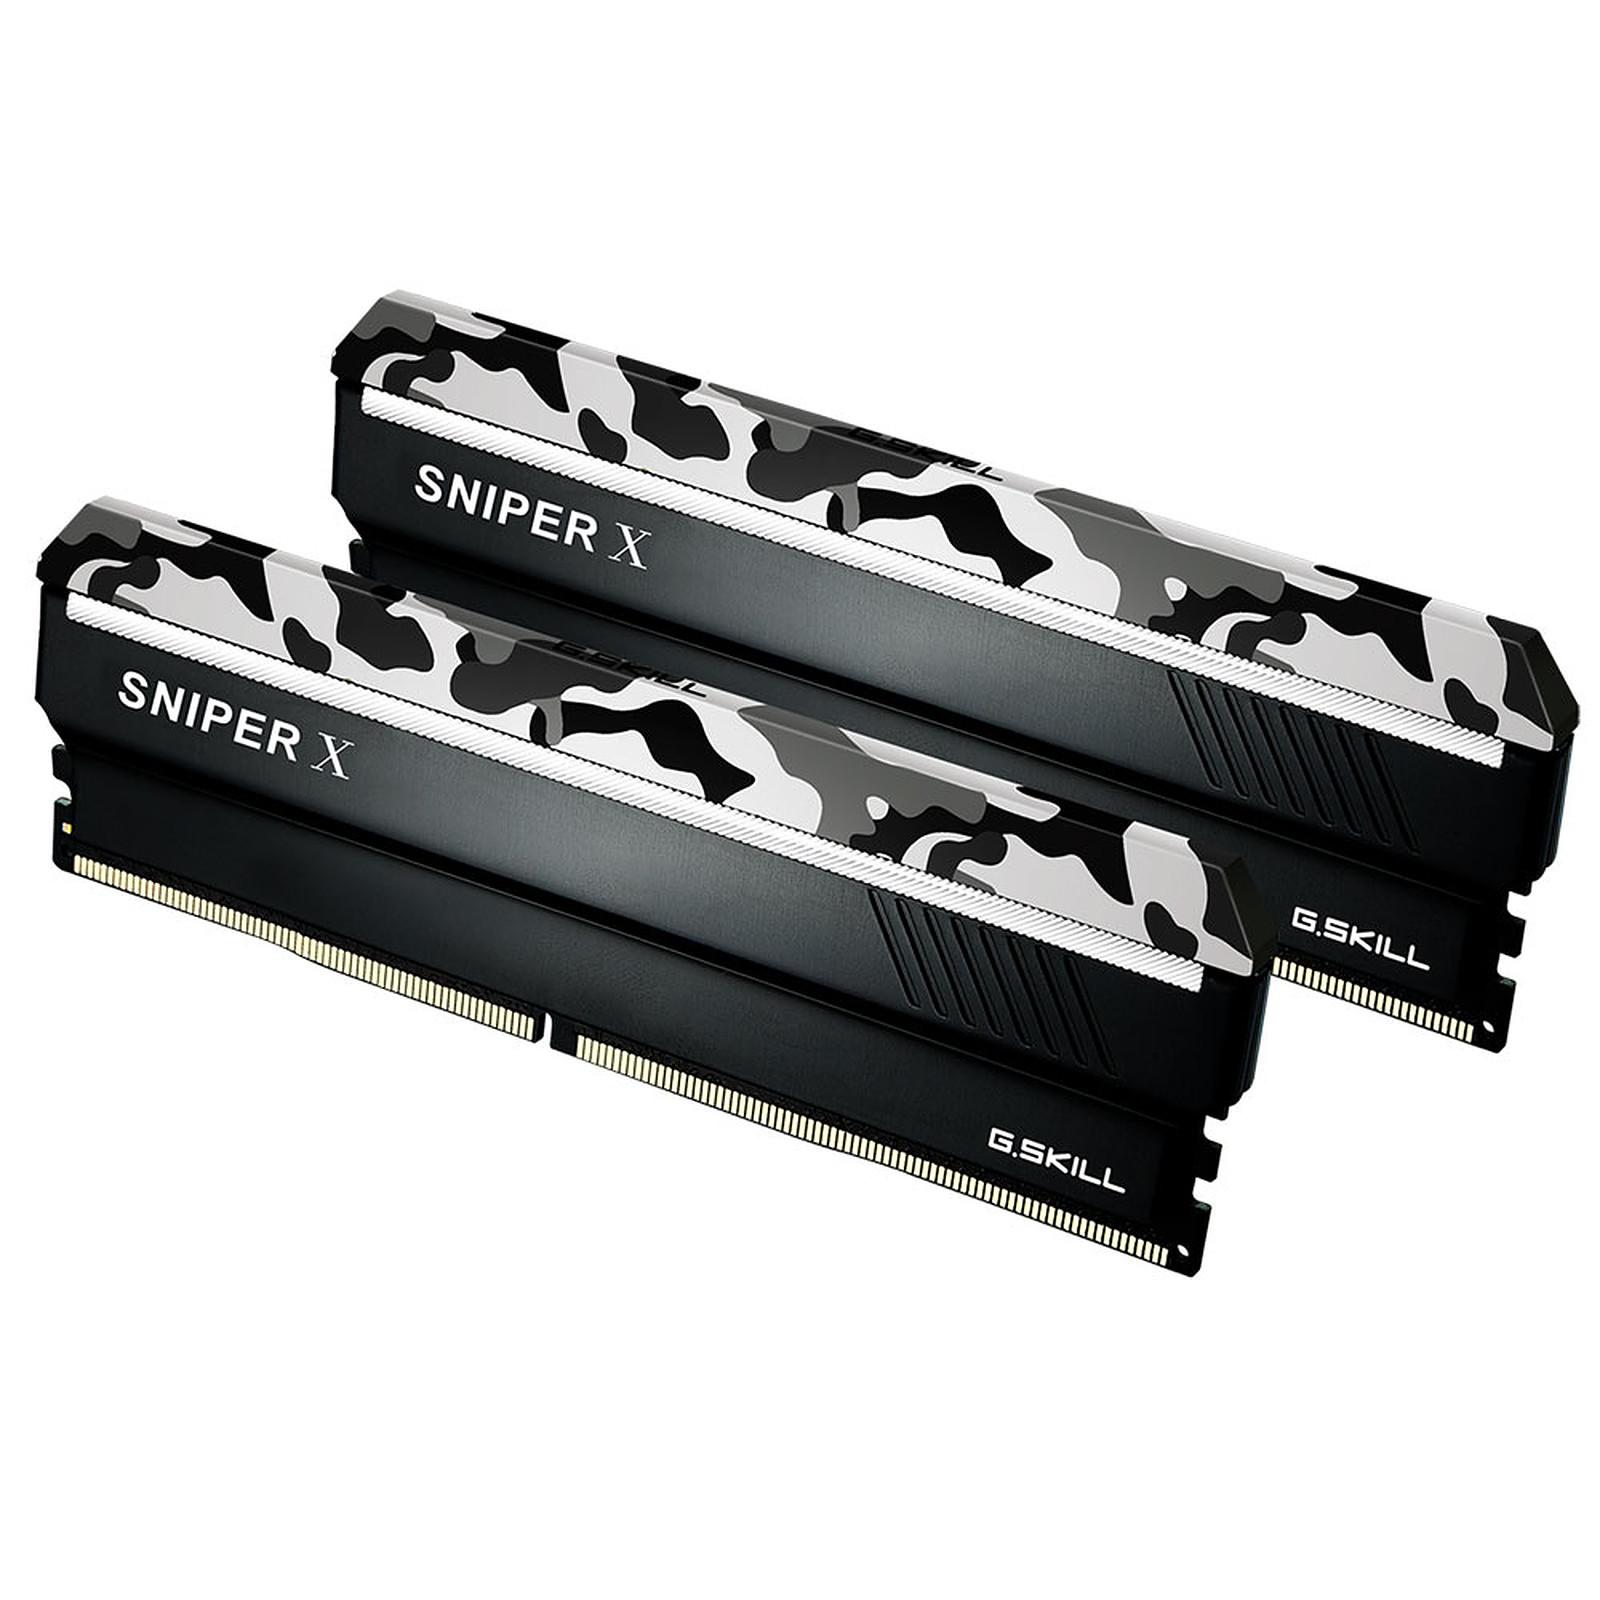 G.Skill Sniper X Series 16 GB (2x 8 GB) DDR4 3000 MHz CL16